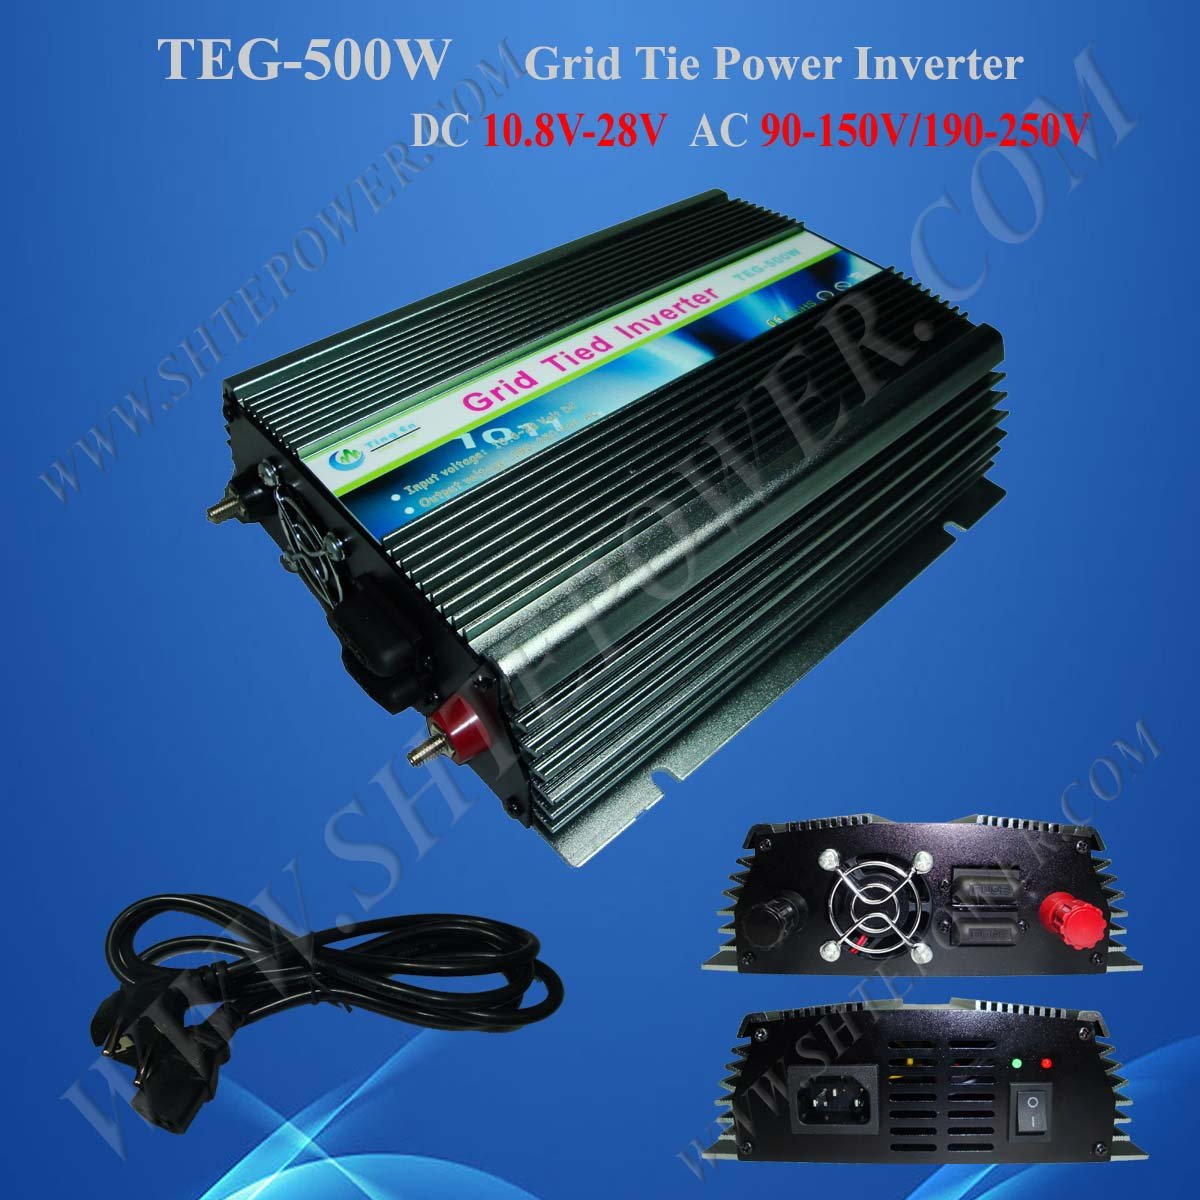 цена на 500W Power Inverter for Solar Panel On Grid System, DC 10.8V-30V to AC 190V-250V, One Year Warranty, High Quality